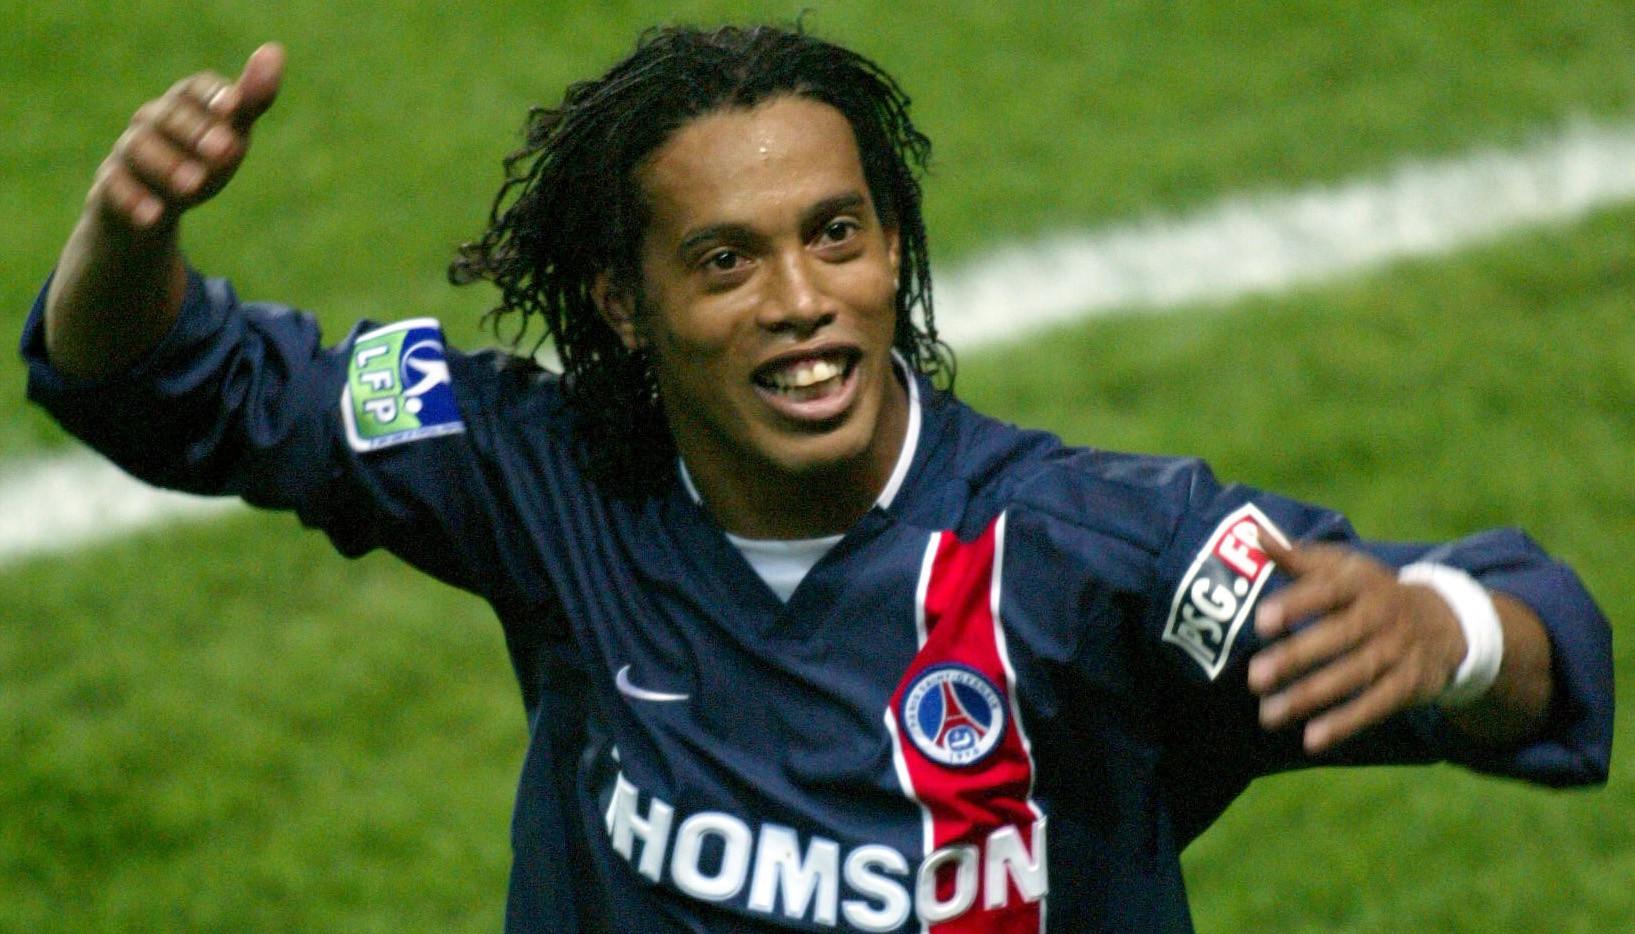 Lá thư cho bản thân của Ronaldinho: 'Đừng đá bóng, hãy chơi bóng'-7